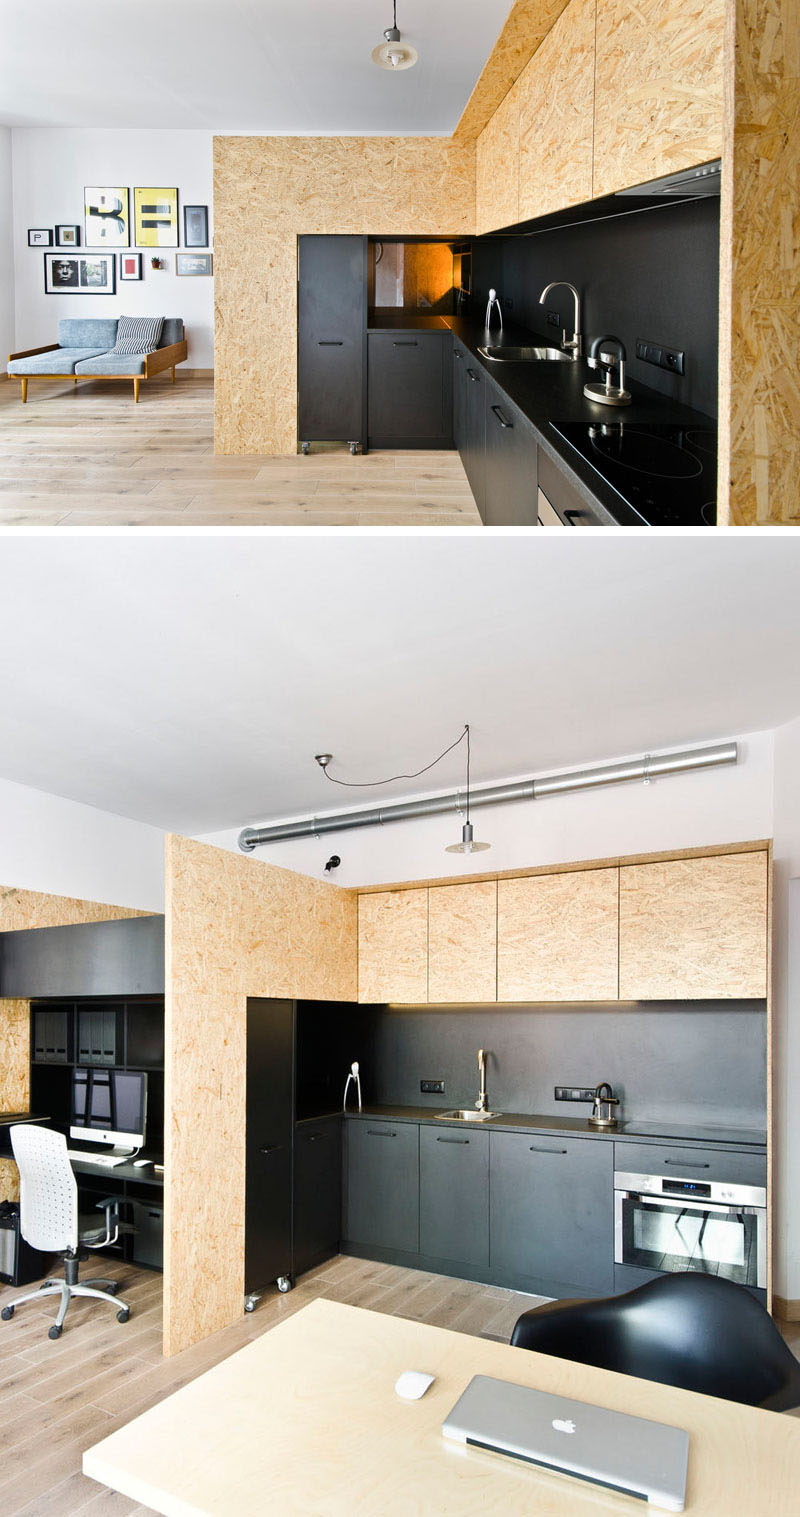 design-interior-interior-design-3